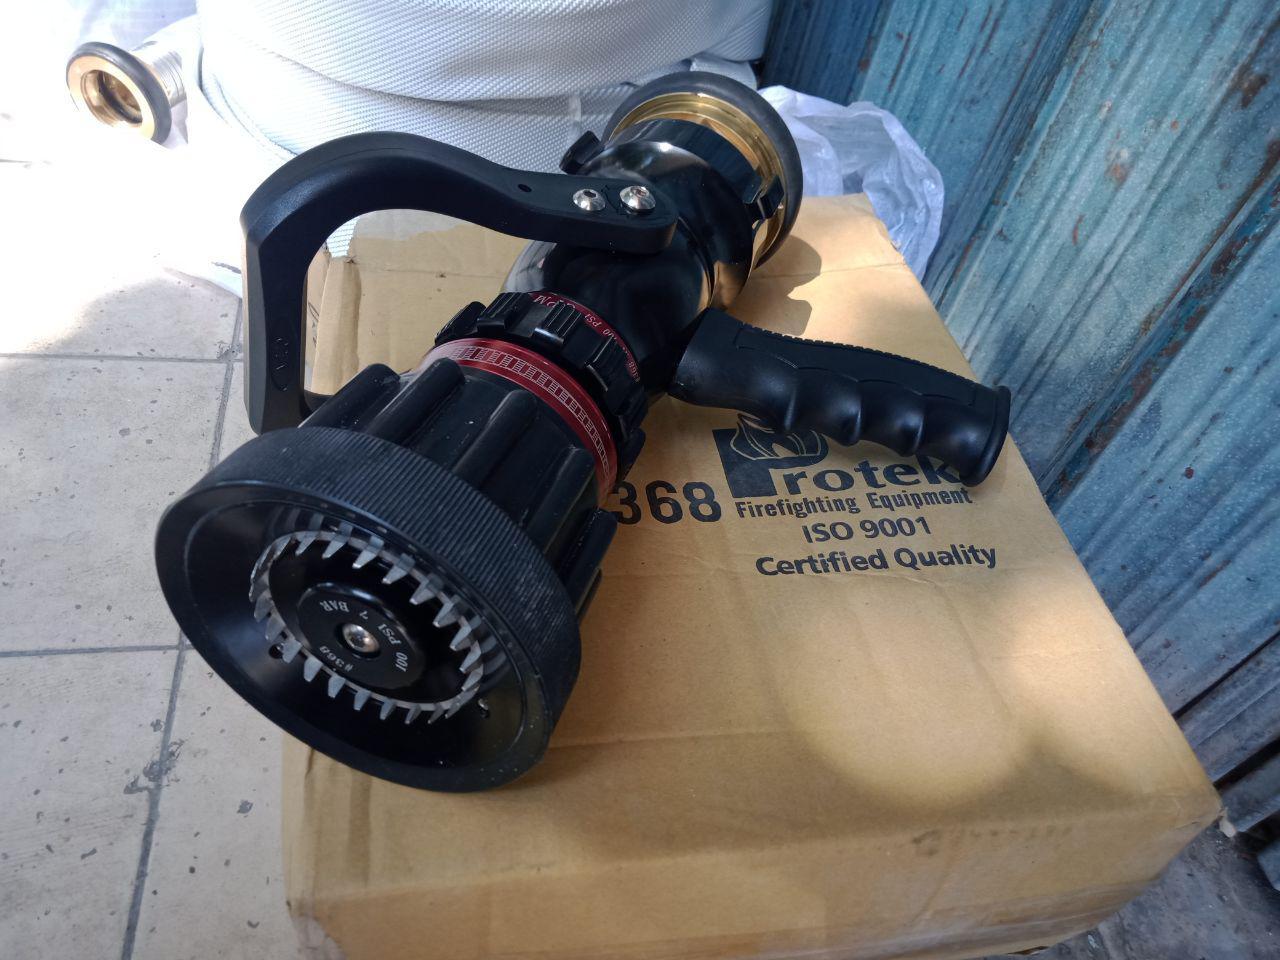 protek 368 nozzle, gun nozzle, pistol grip nozzle protek, protek 366, protek gun nozzle, protek ground monitor, protek pistol grip nozzle, handling protek gun nozzle, portable fire monitor, pistol grip